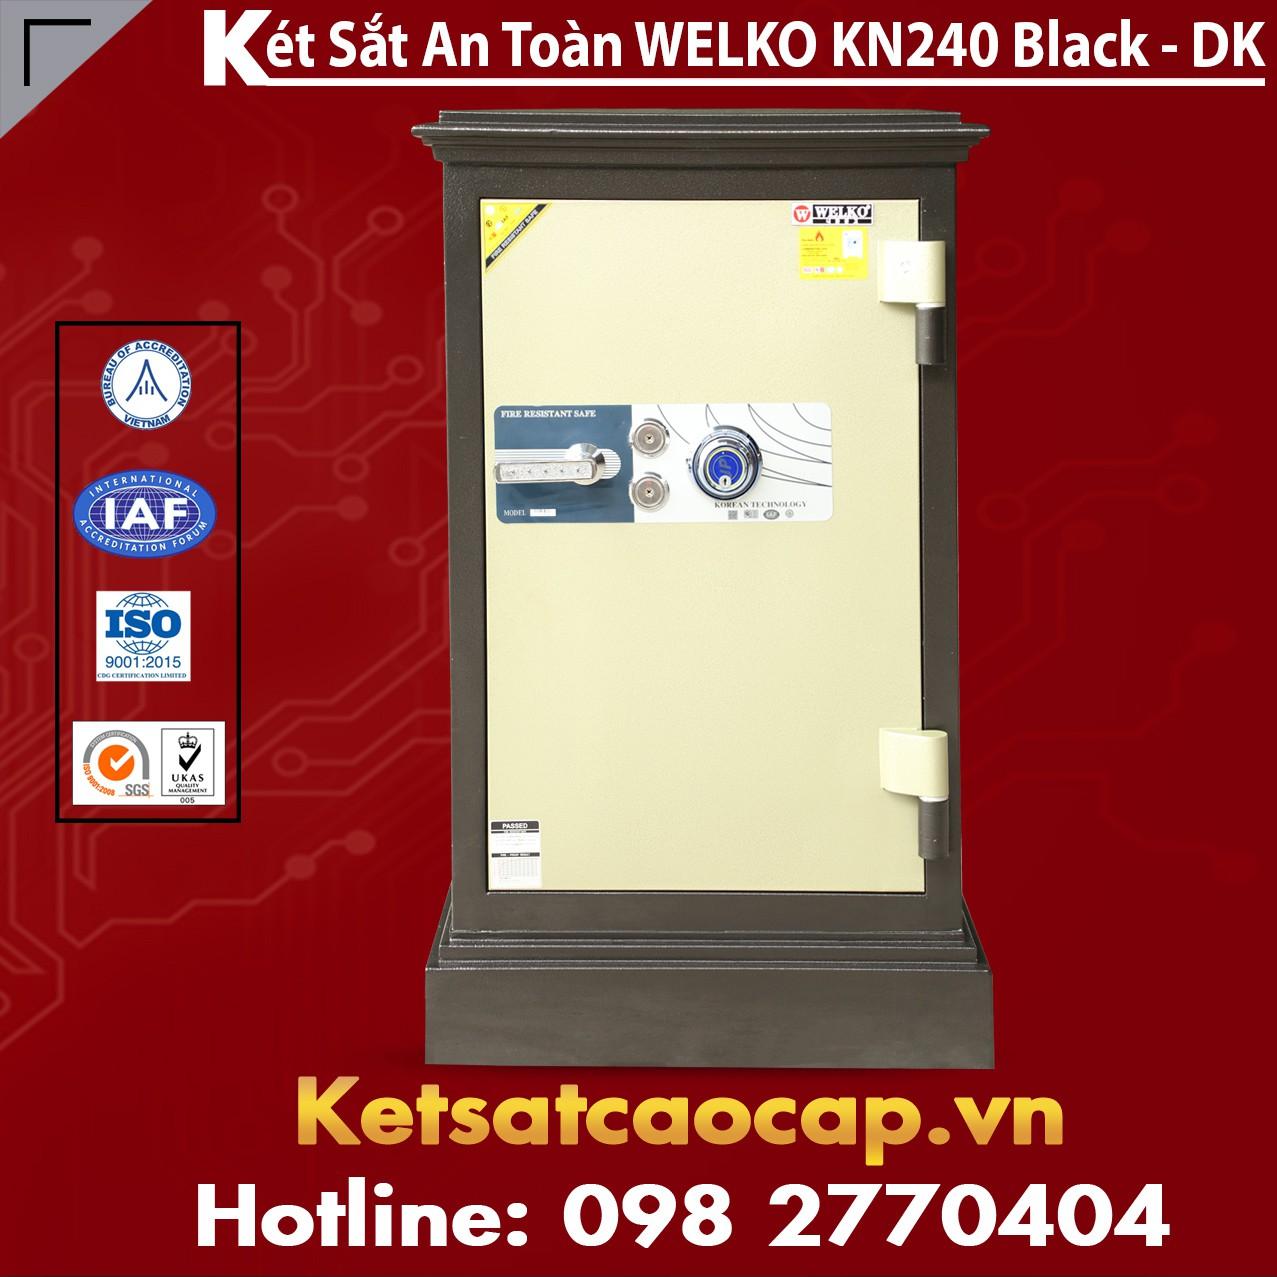 Két Sắt Chính Hãng WELKO KN240 Black - DK